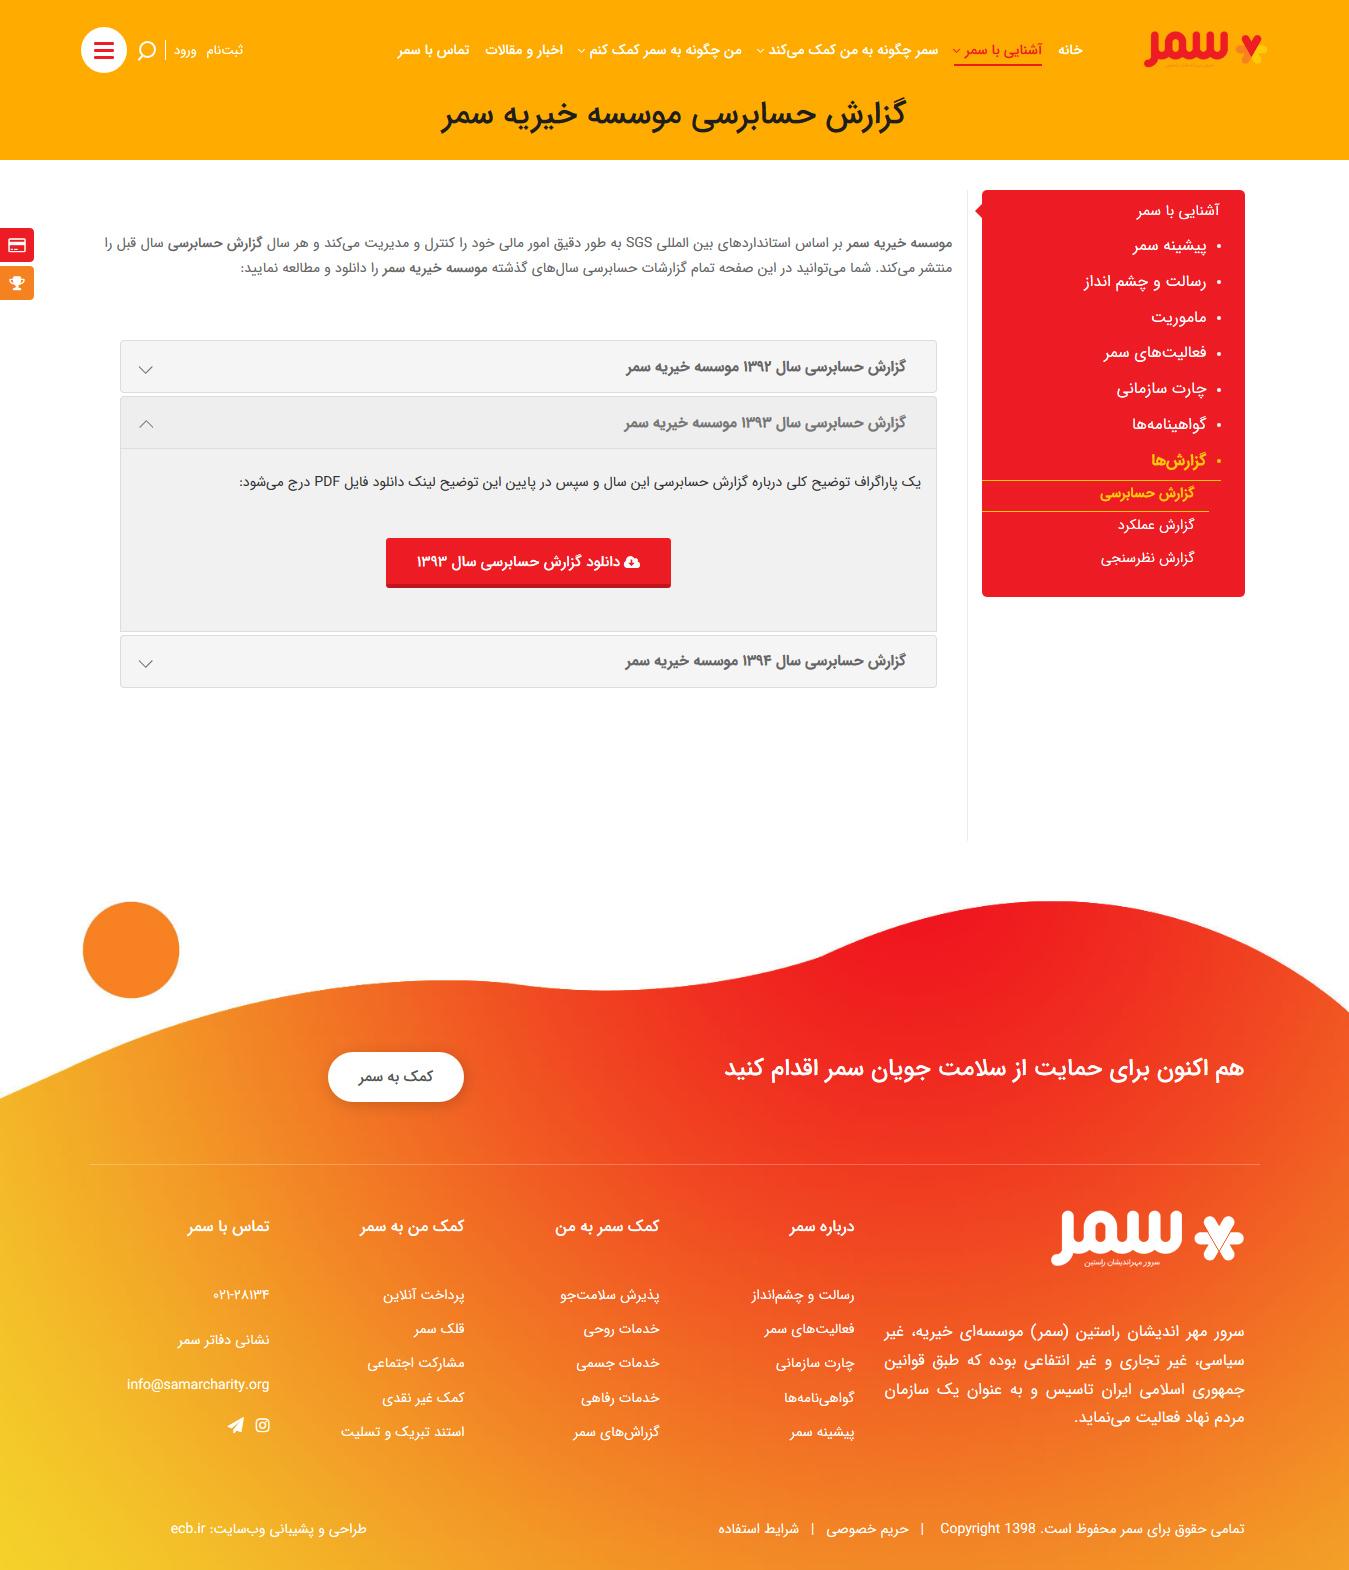 تصویری از صفحه گزارشات مالی موسسه خیریه سمر